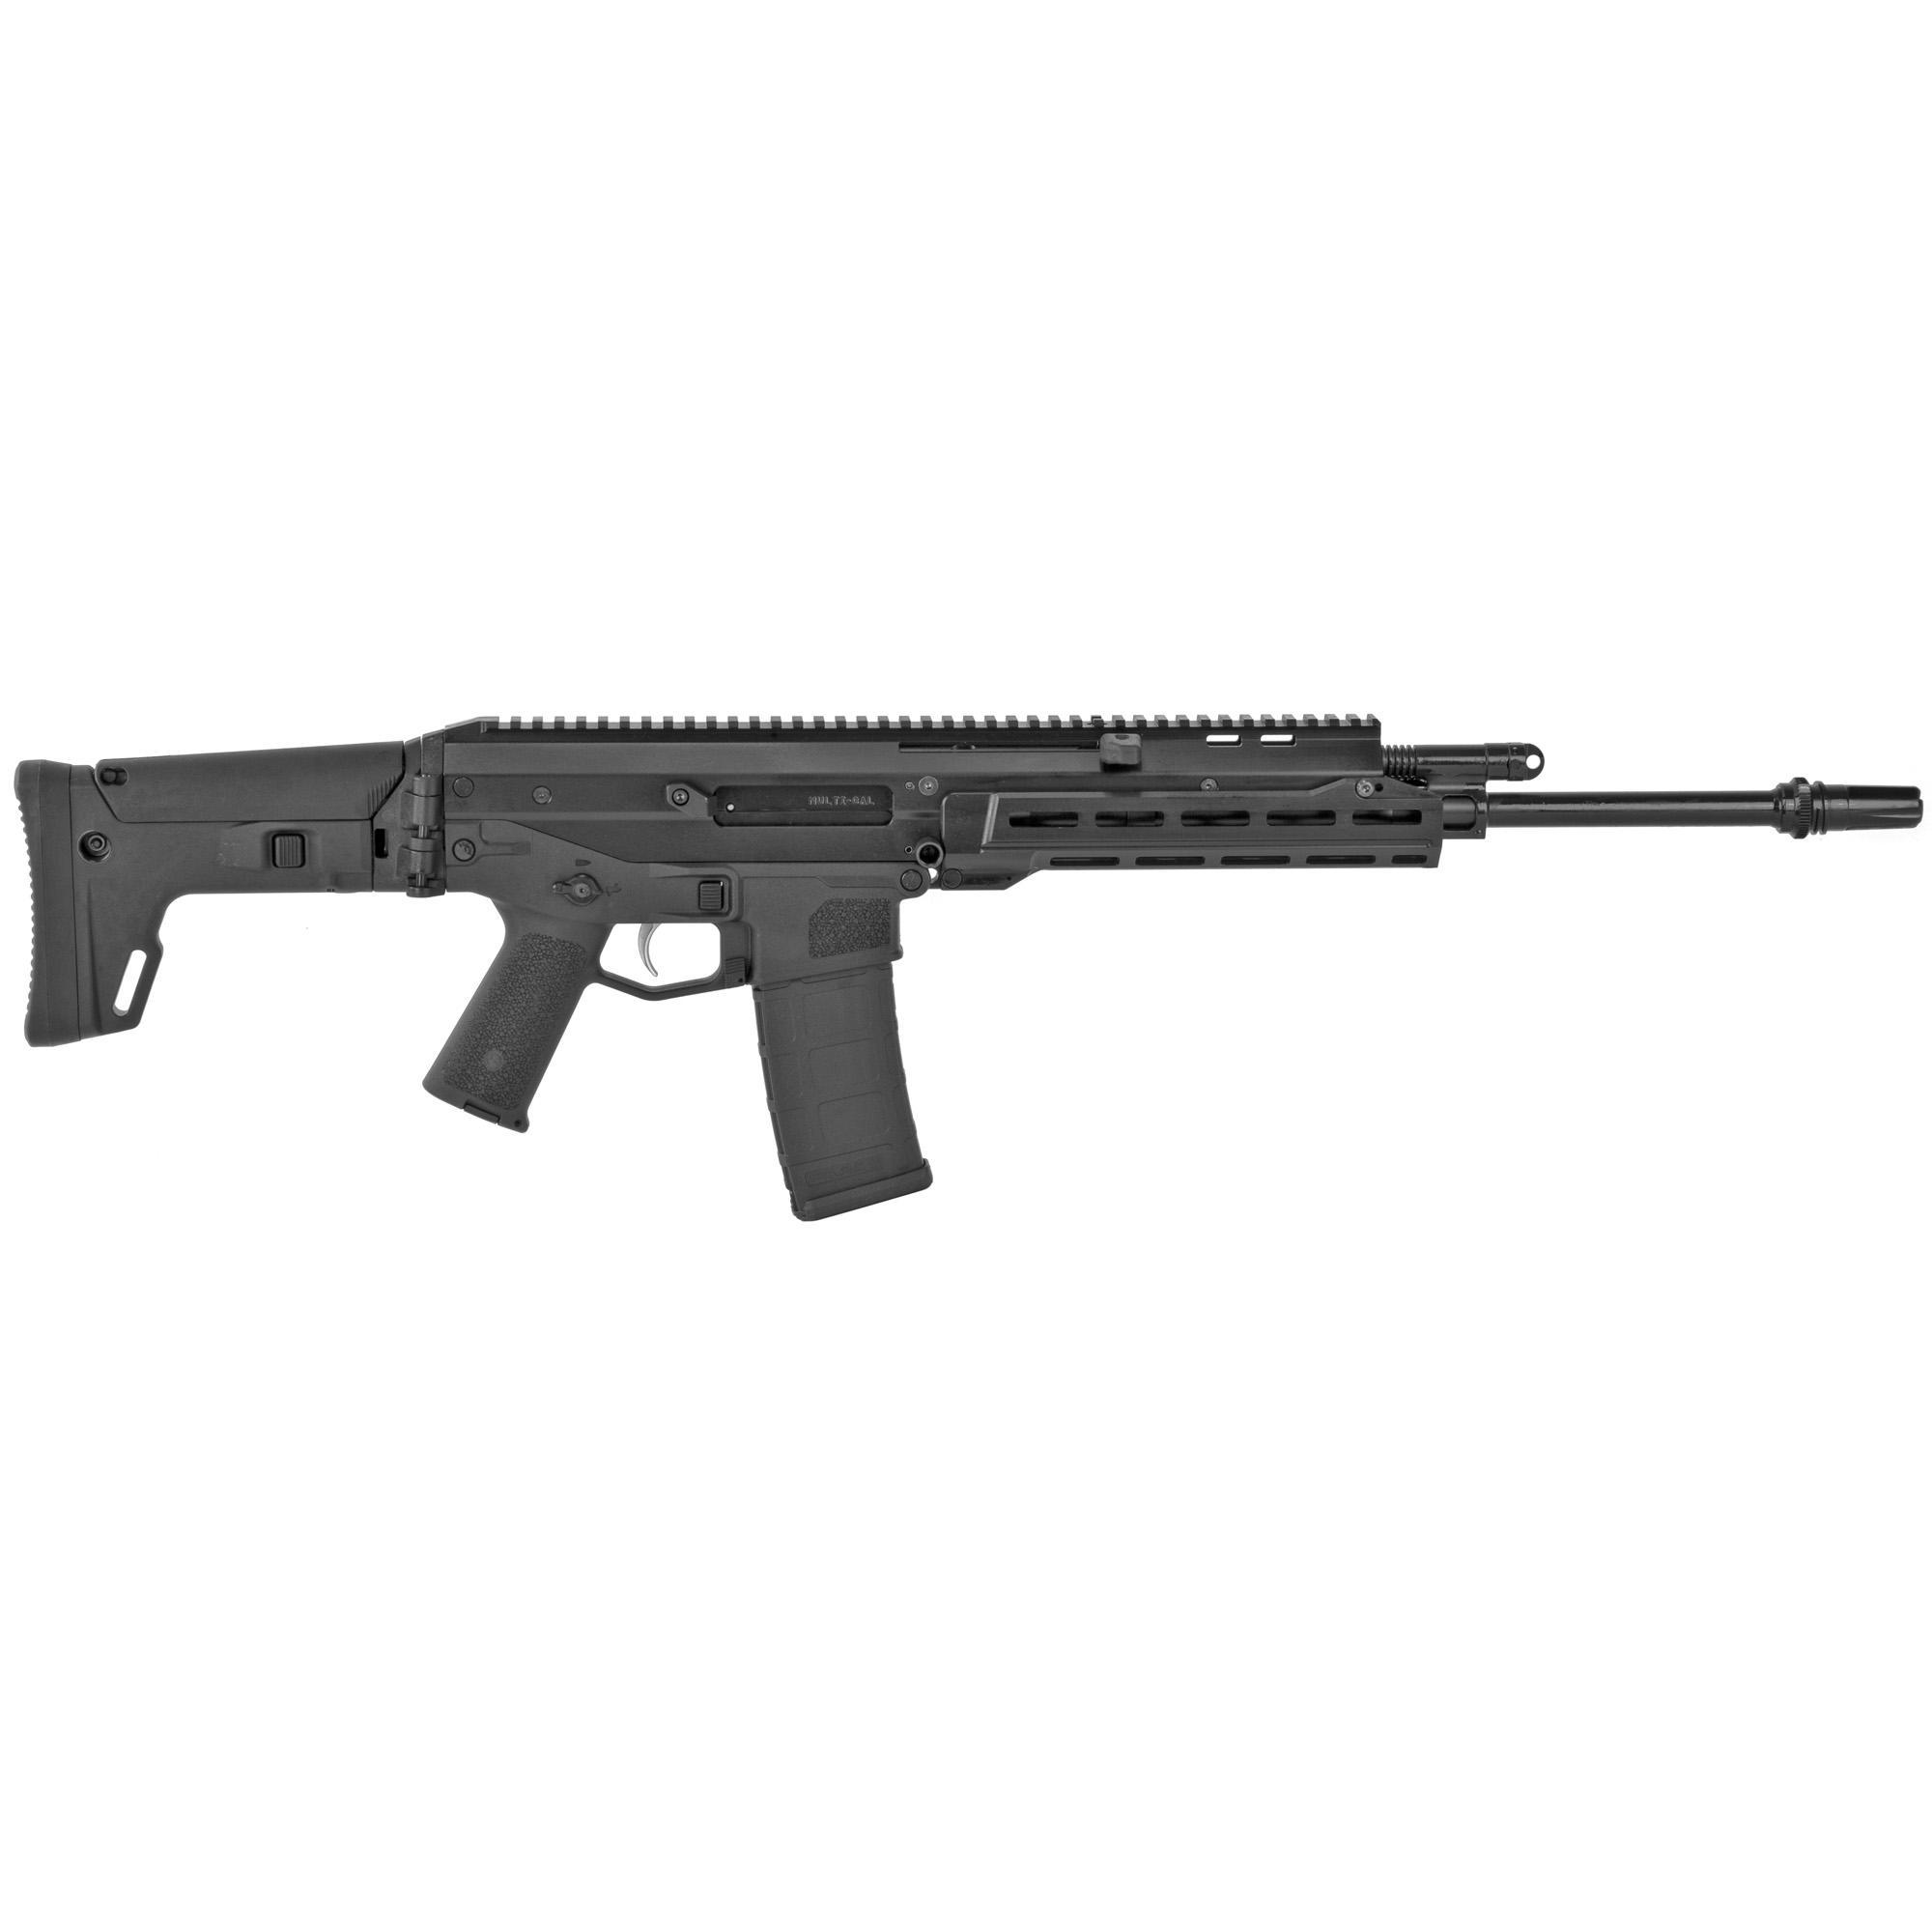 Bushmaster Bushmaster Acr 5.56 16.5